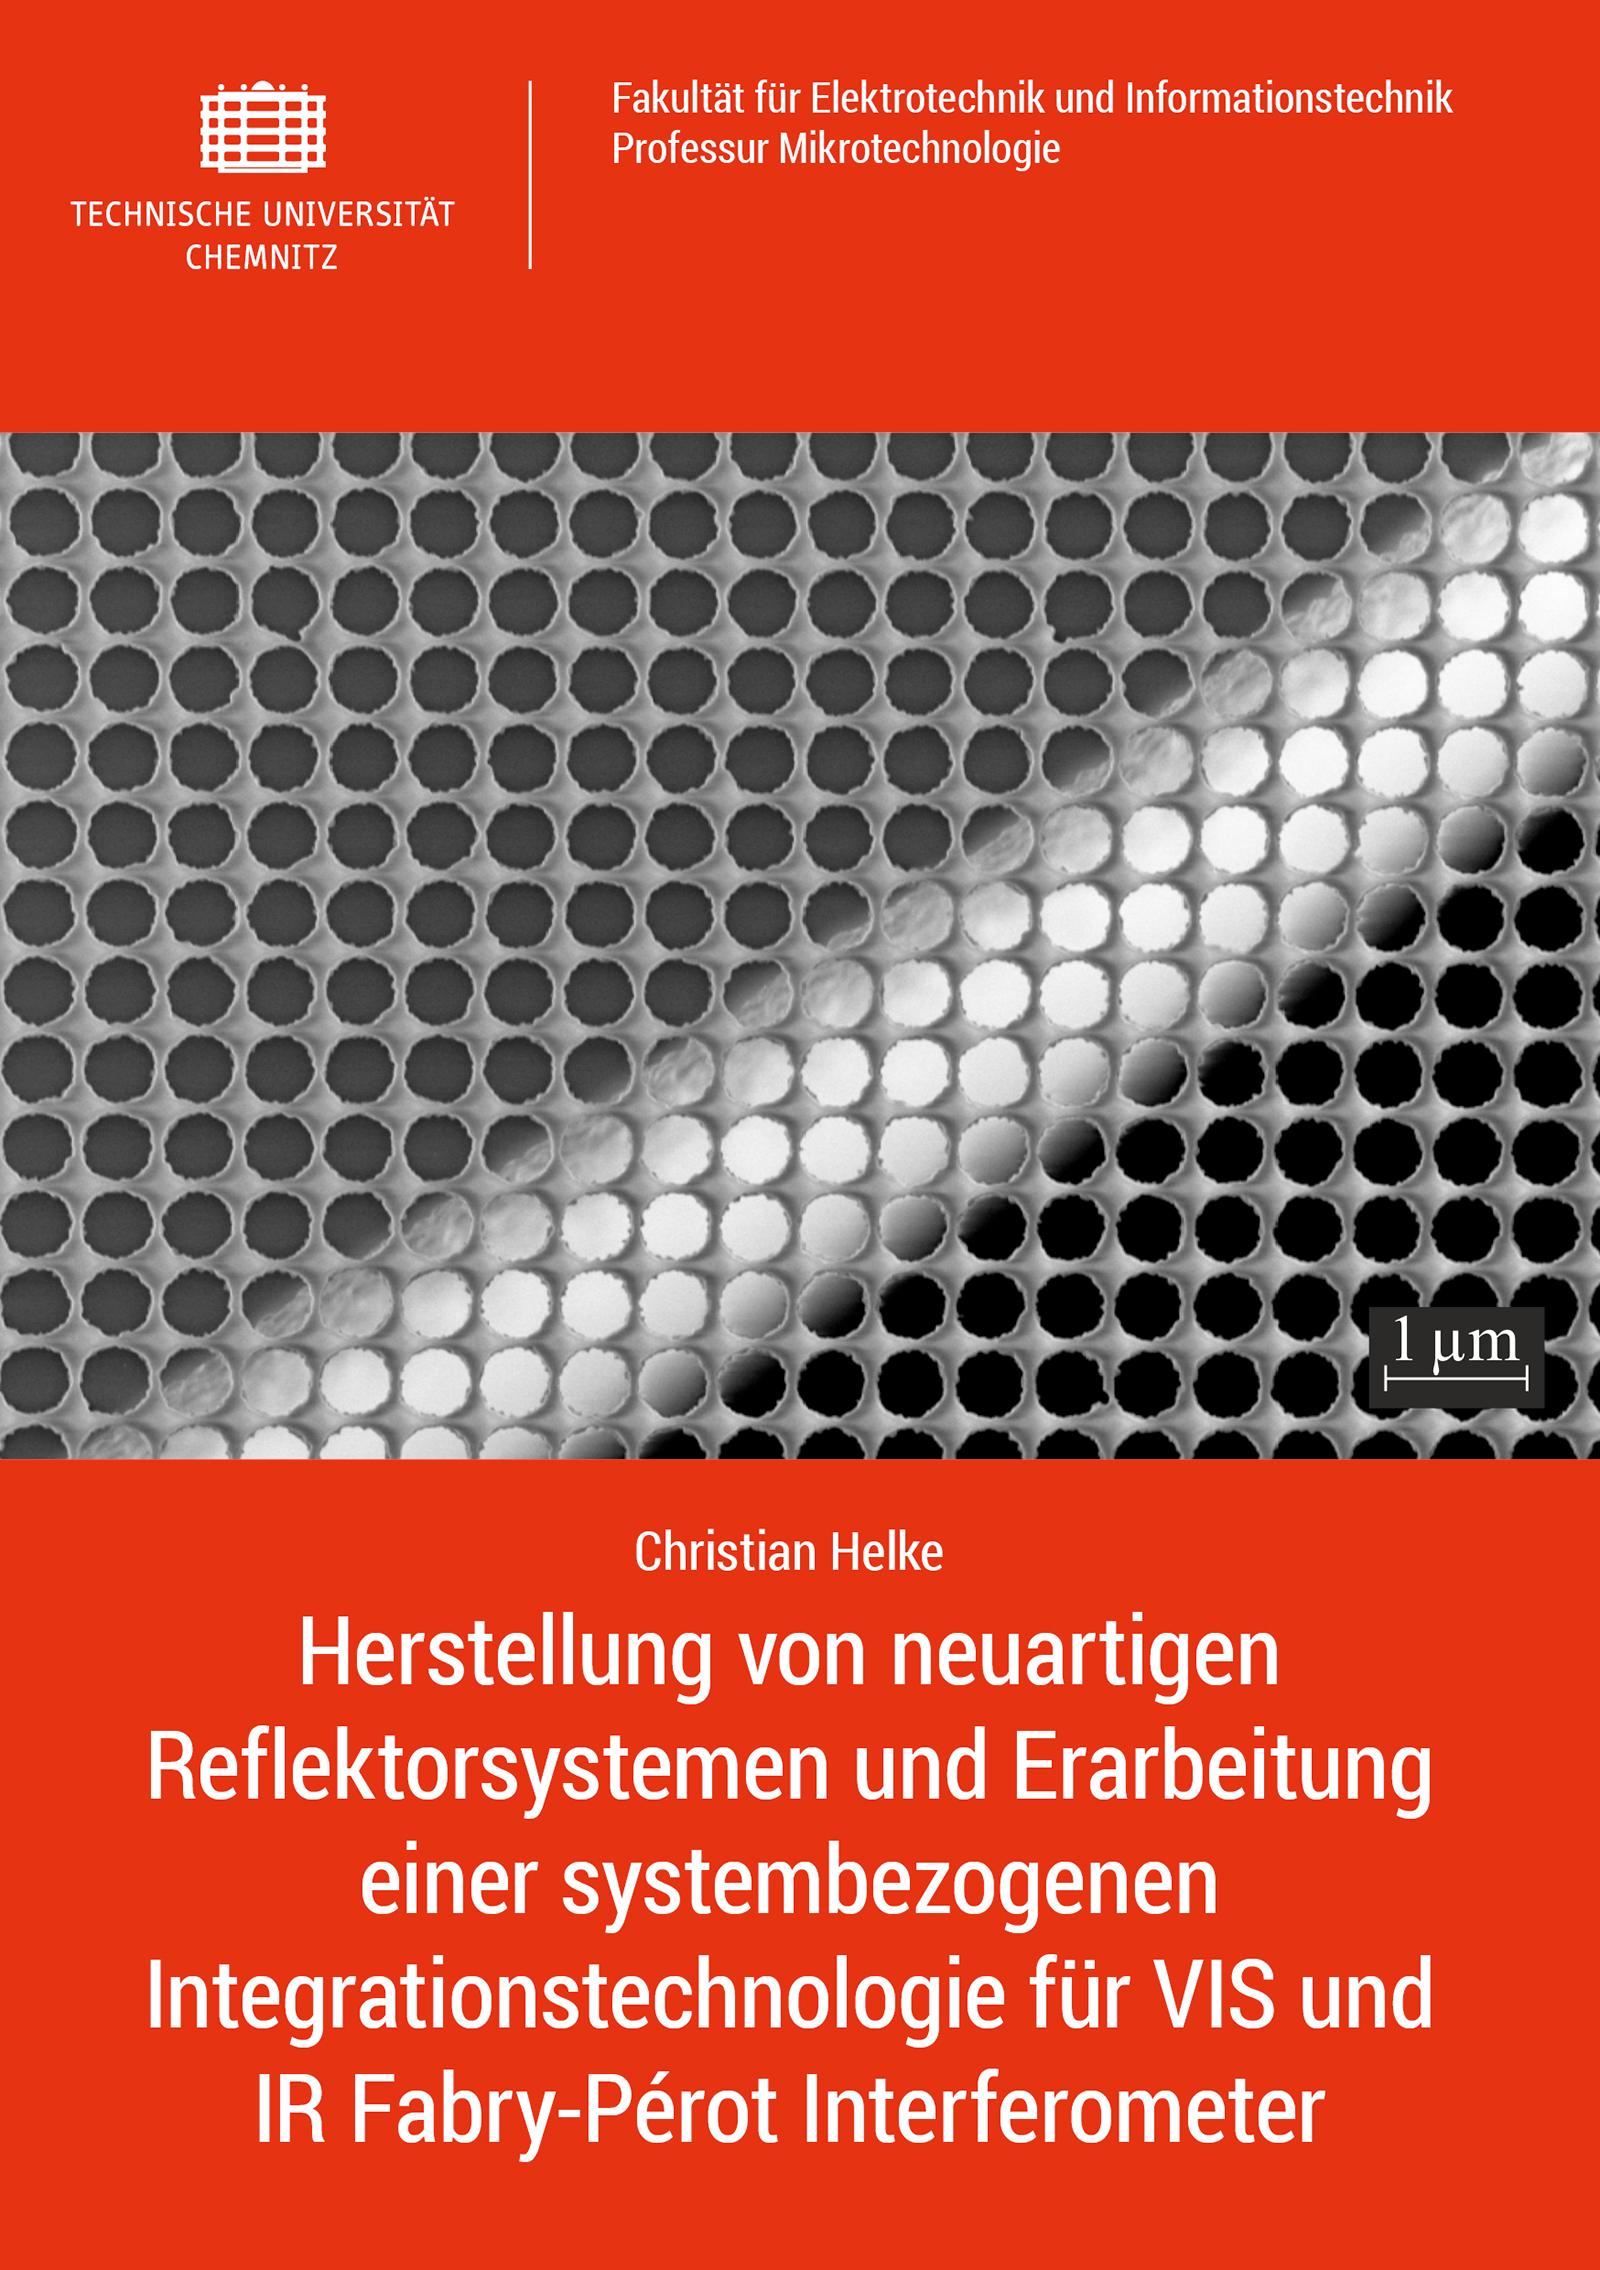 Cover: Herstellung von neuartigen Reflektorsystemen und Erarbeitung einer systembezogenen Integrationstechnologie für VIS und IR Fabry-Pérot Interferometer